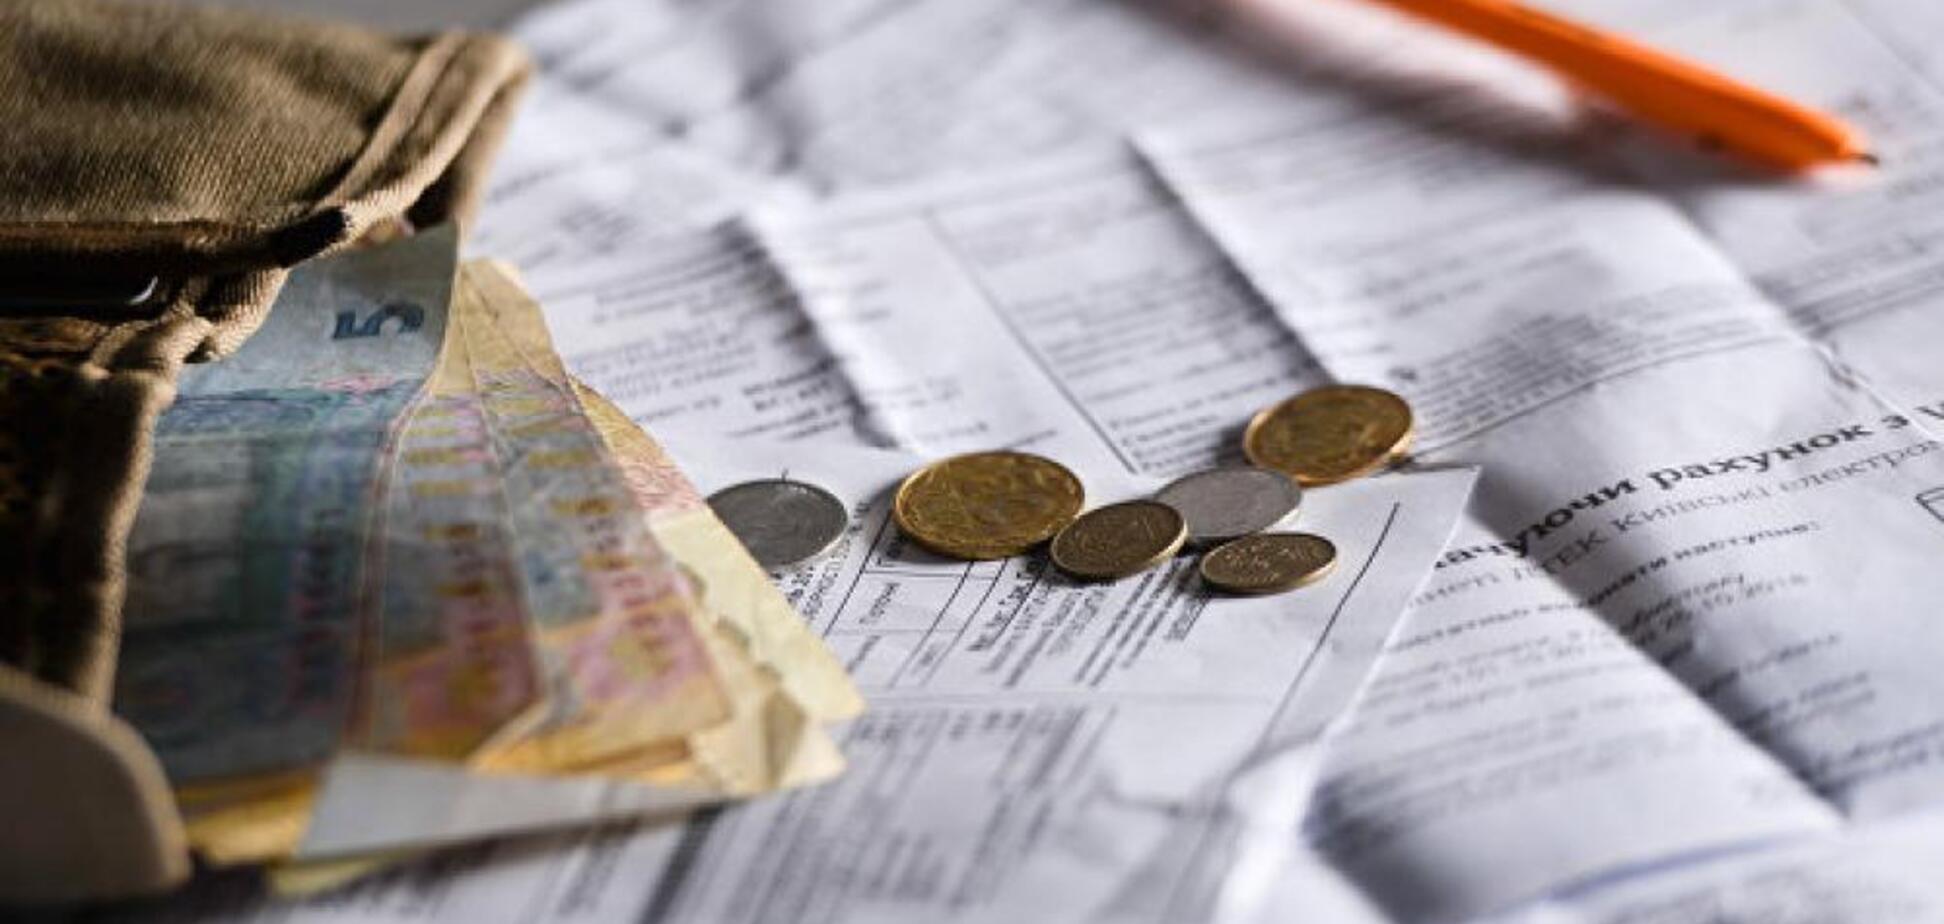 Липова економія: як в Україні за дешеву енергію переплачують в ціні товарів і послуг